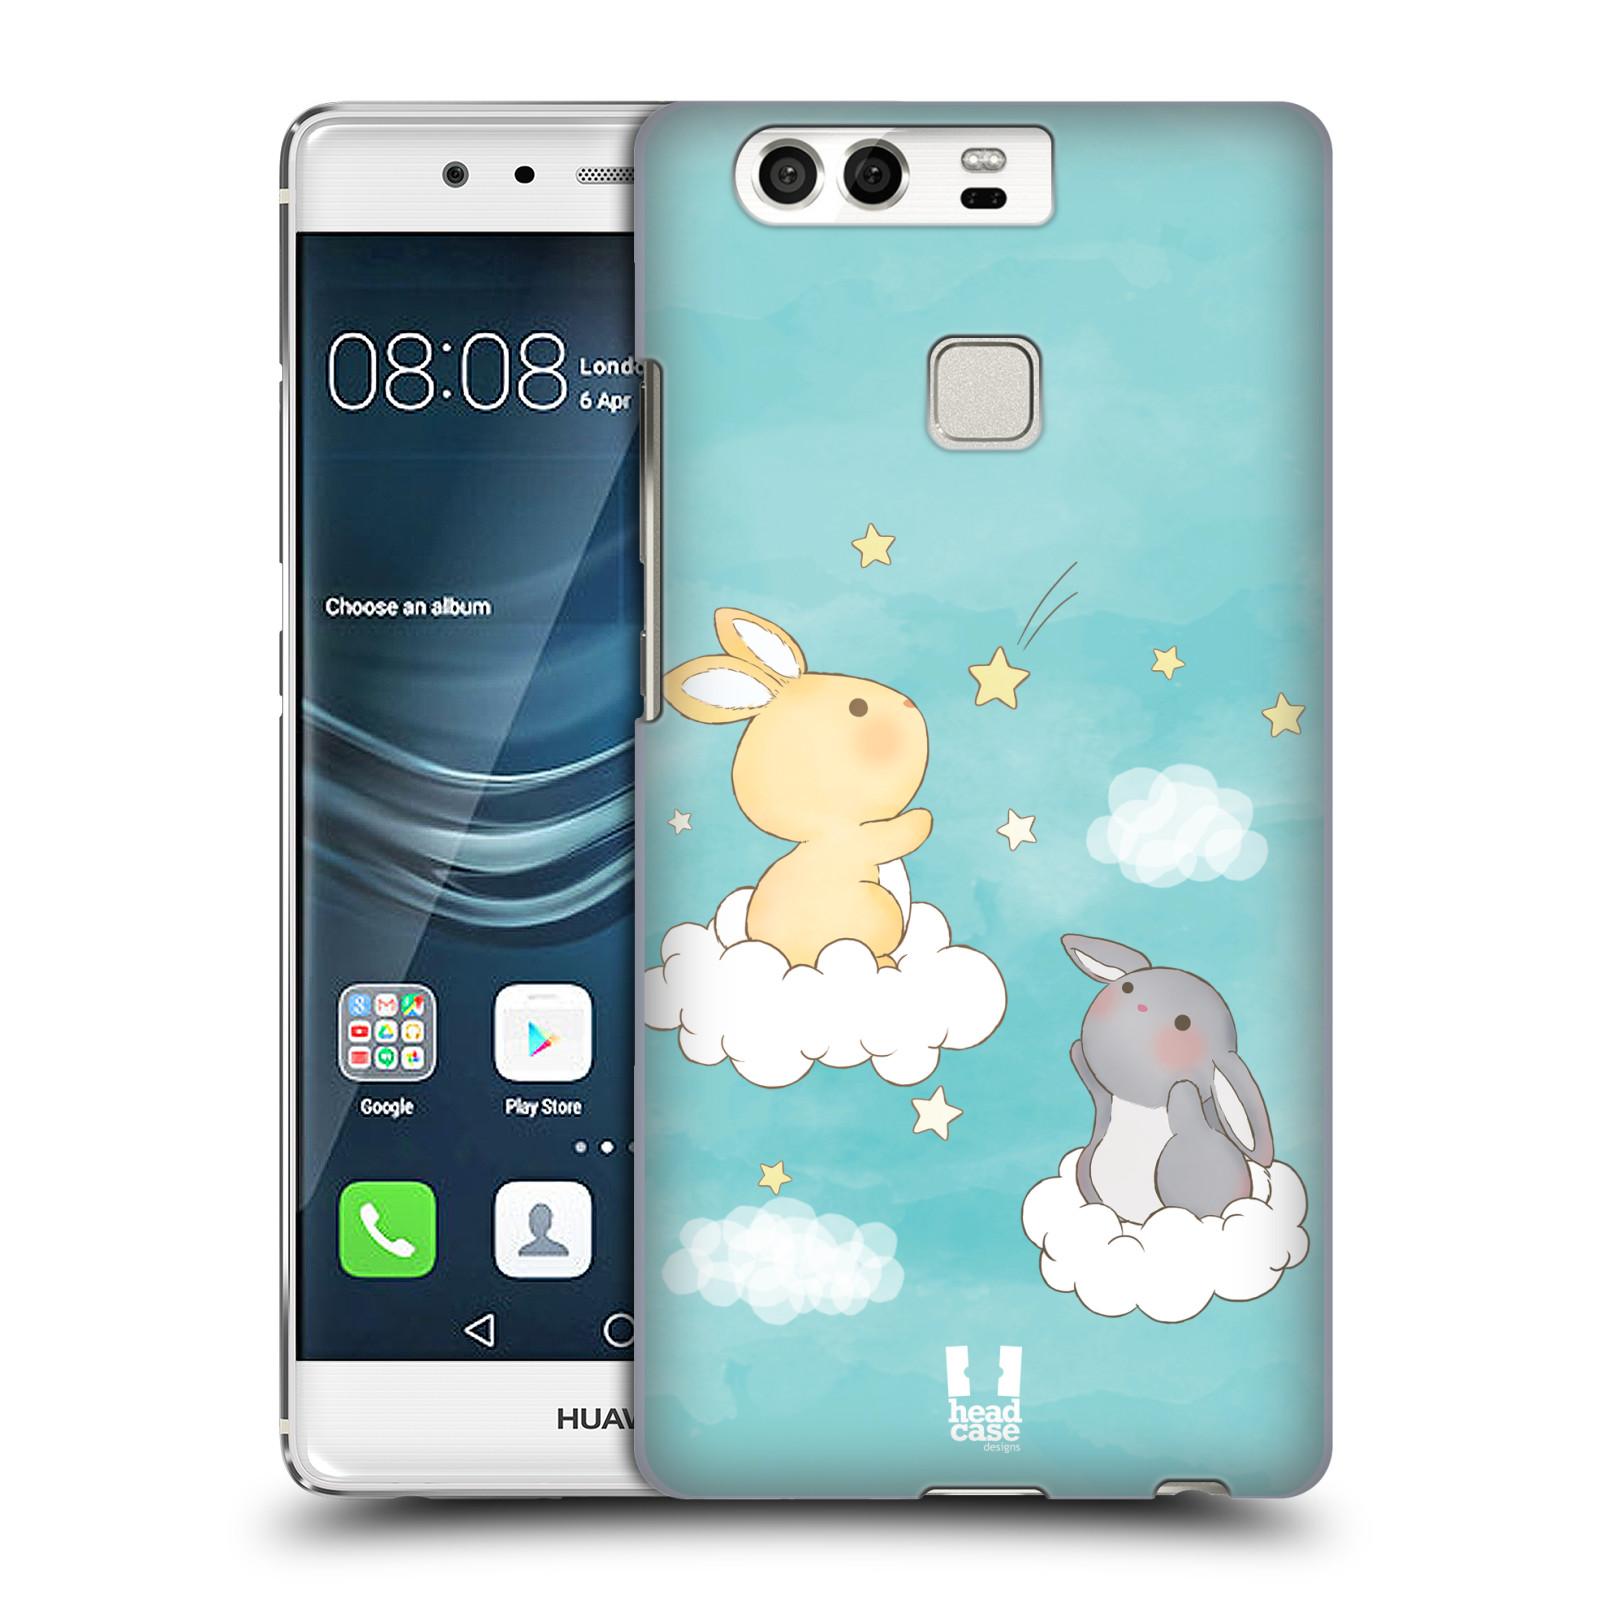 HEAD CASE plastový obal na mobil Huawei P9 / P9 DUAL SIM vzor králíček a hvězdy modrá